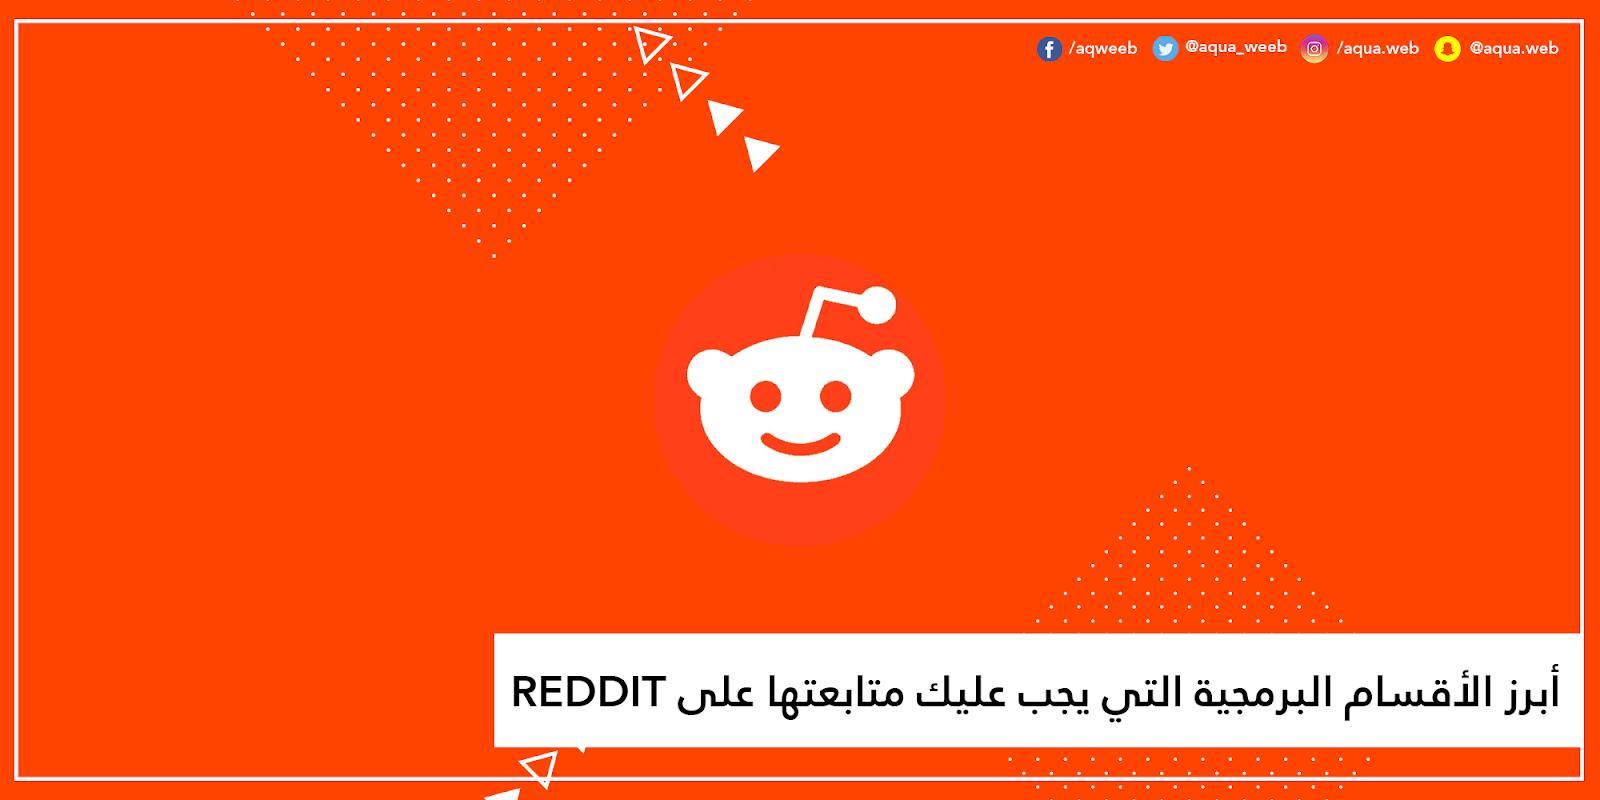 تستخدم Reddit ؟ إليك أبرز الأقسام البرمجية التي يجب عليك متابعتها في الموقع